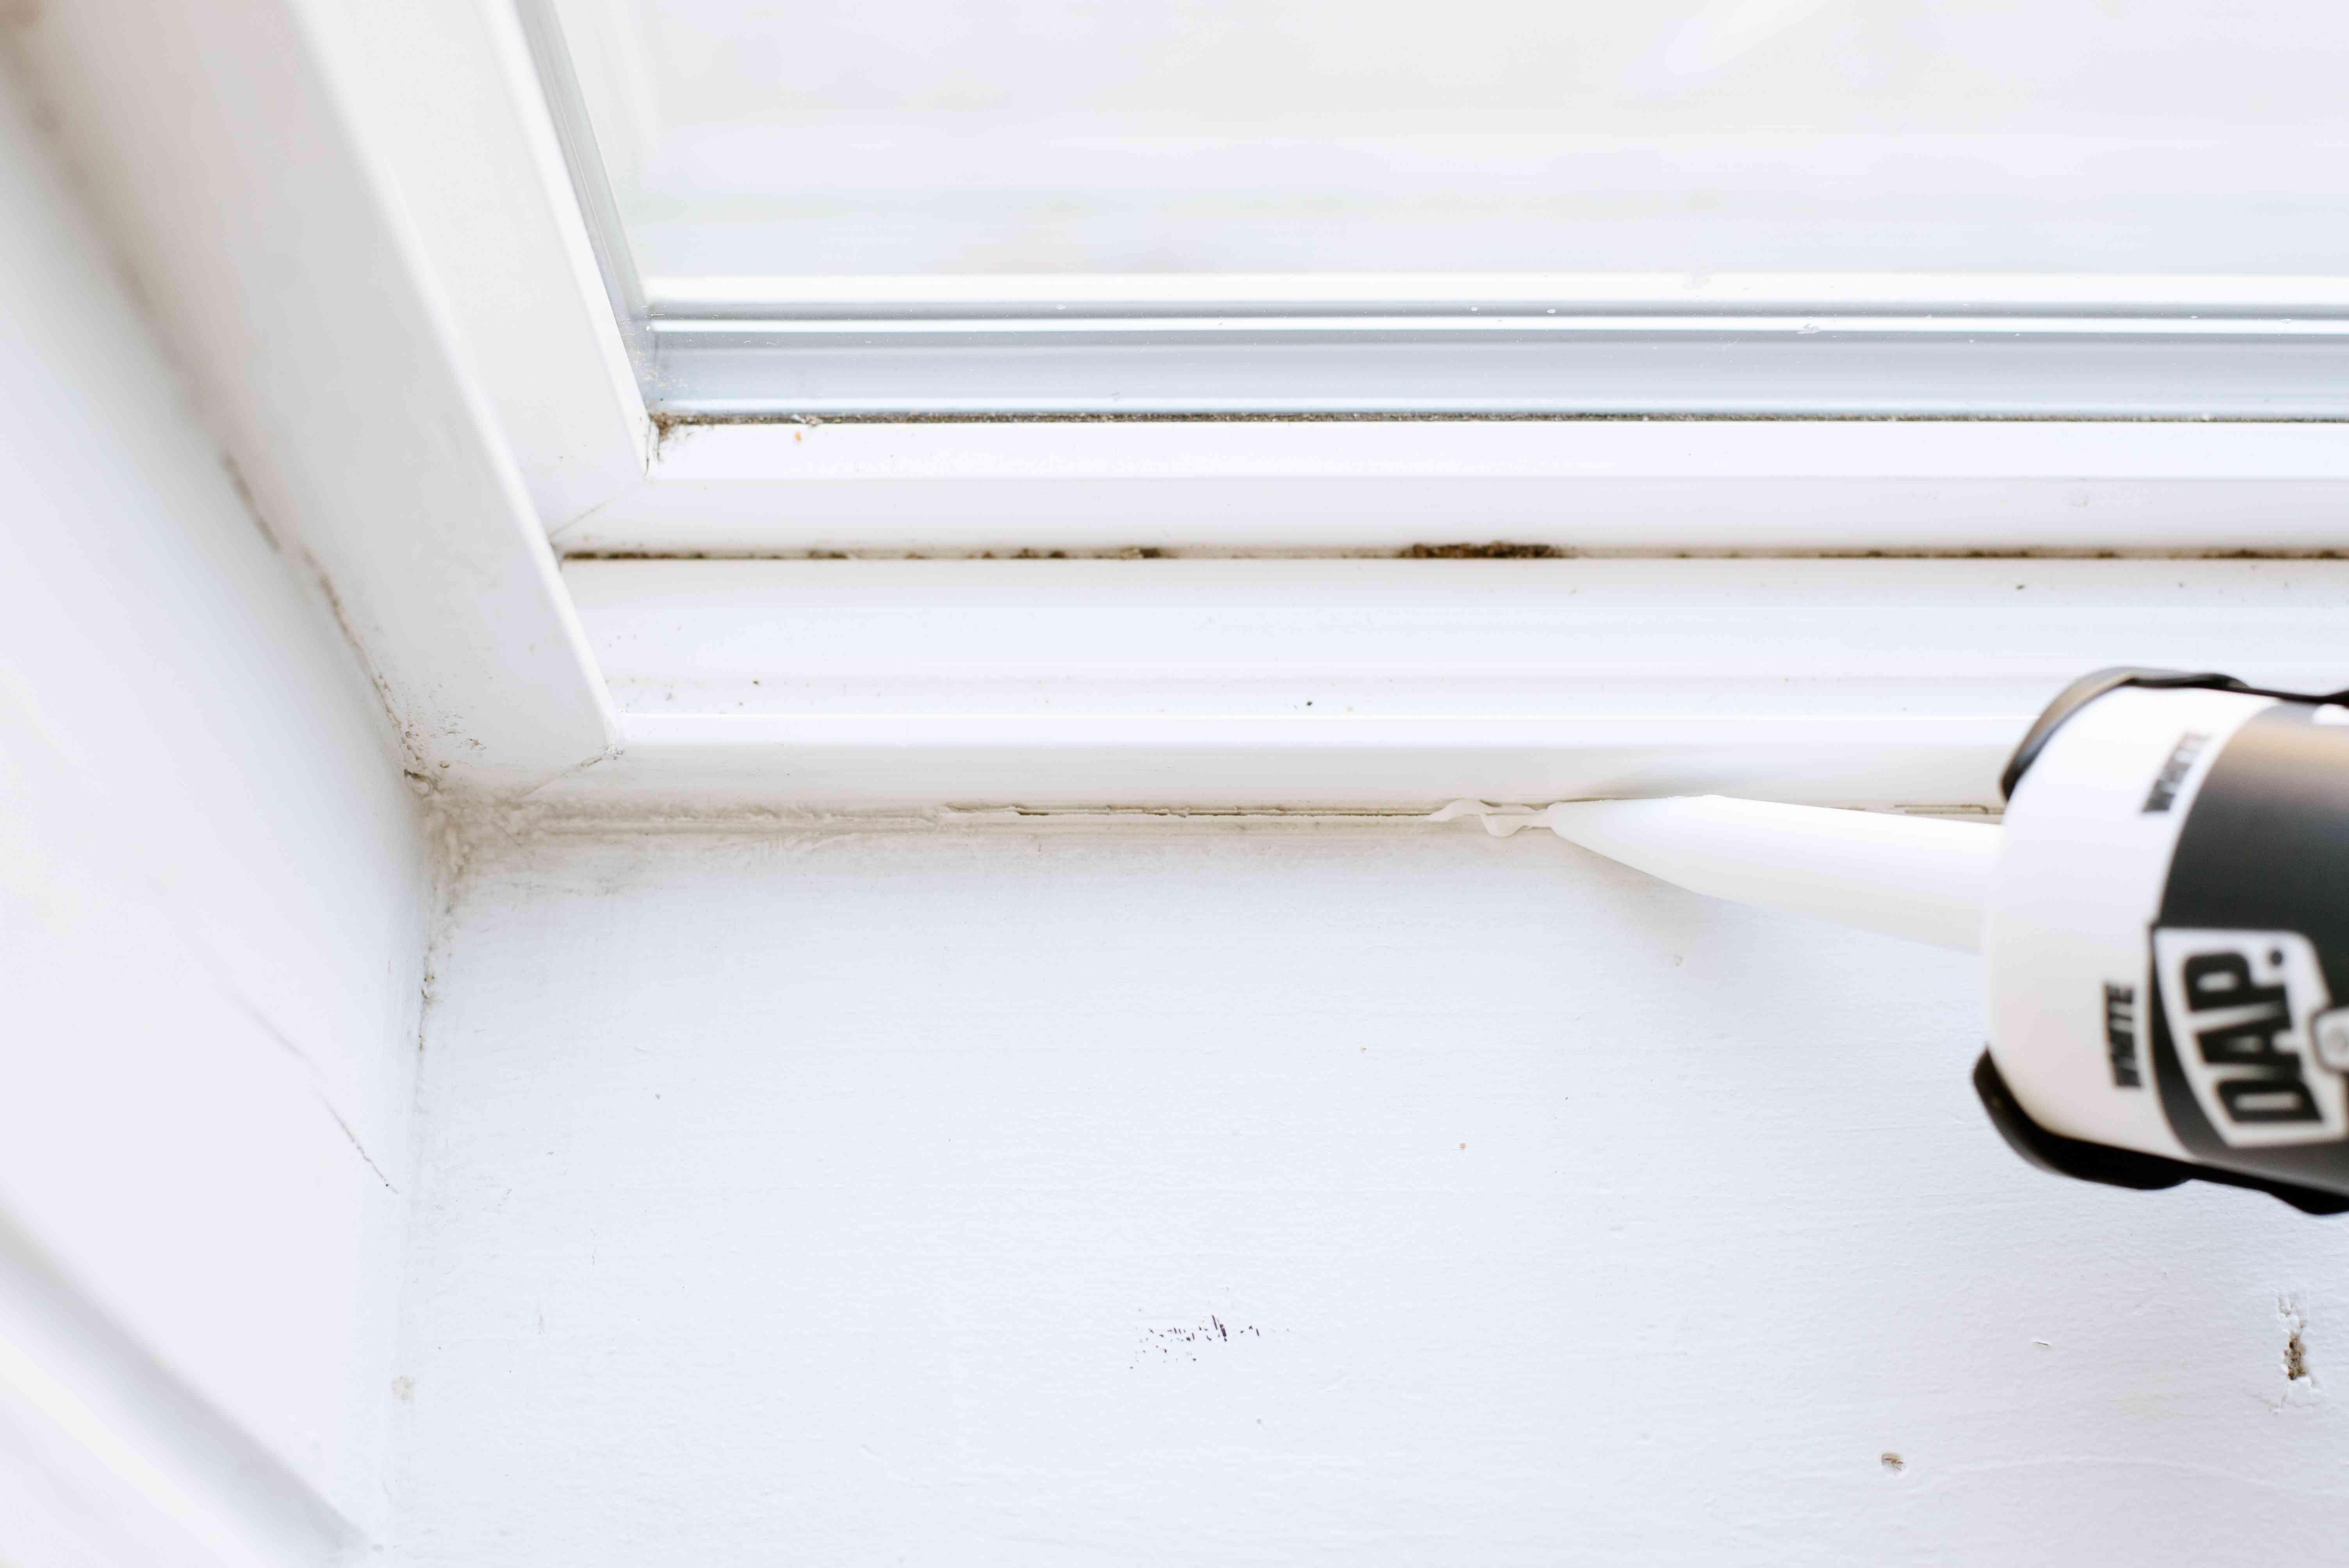 adding caulk to the window